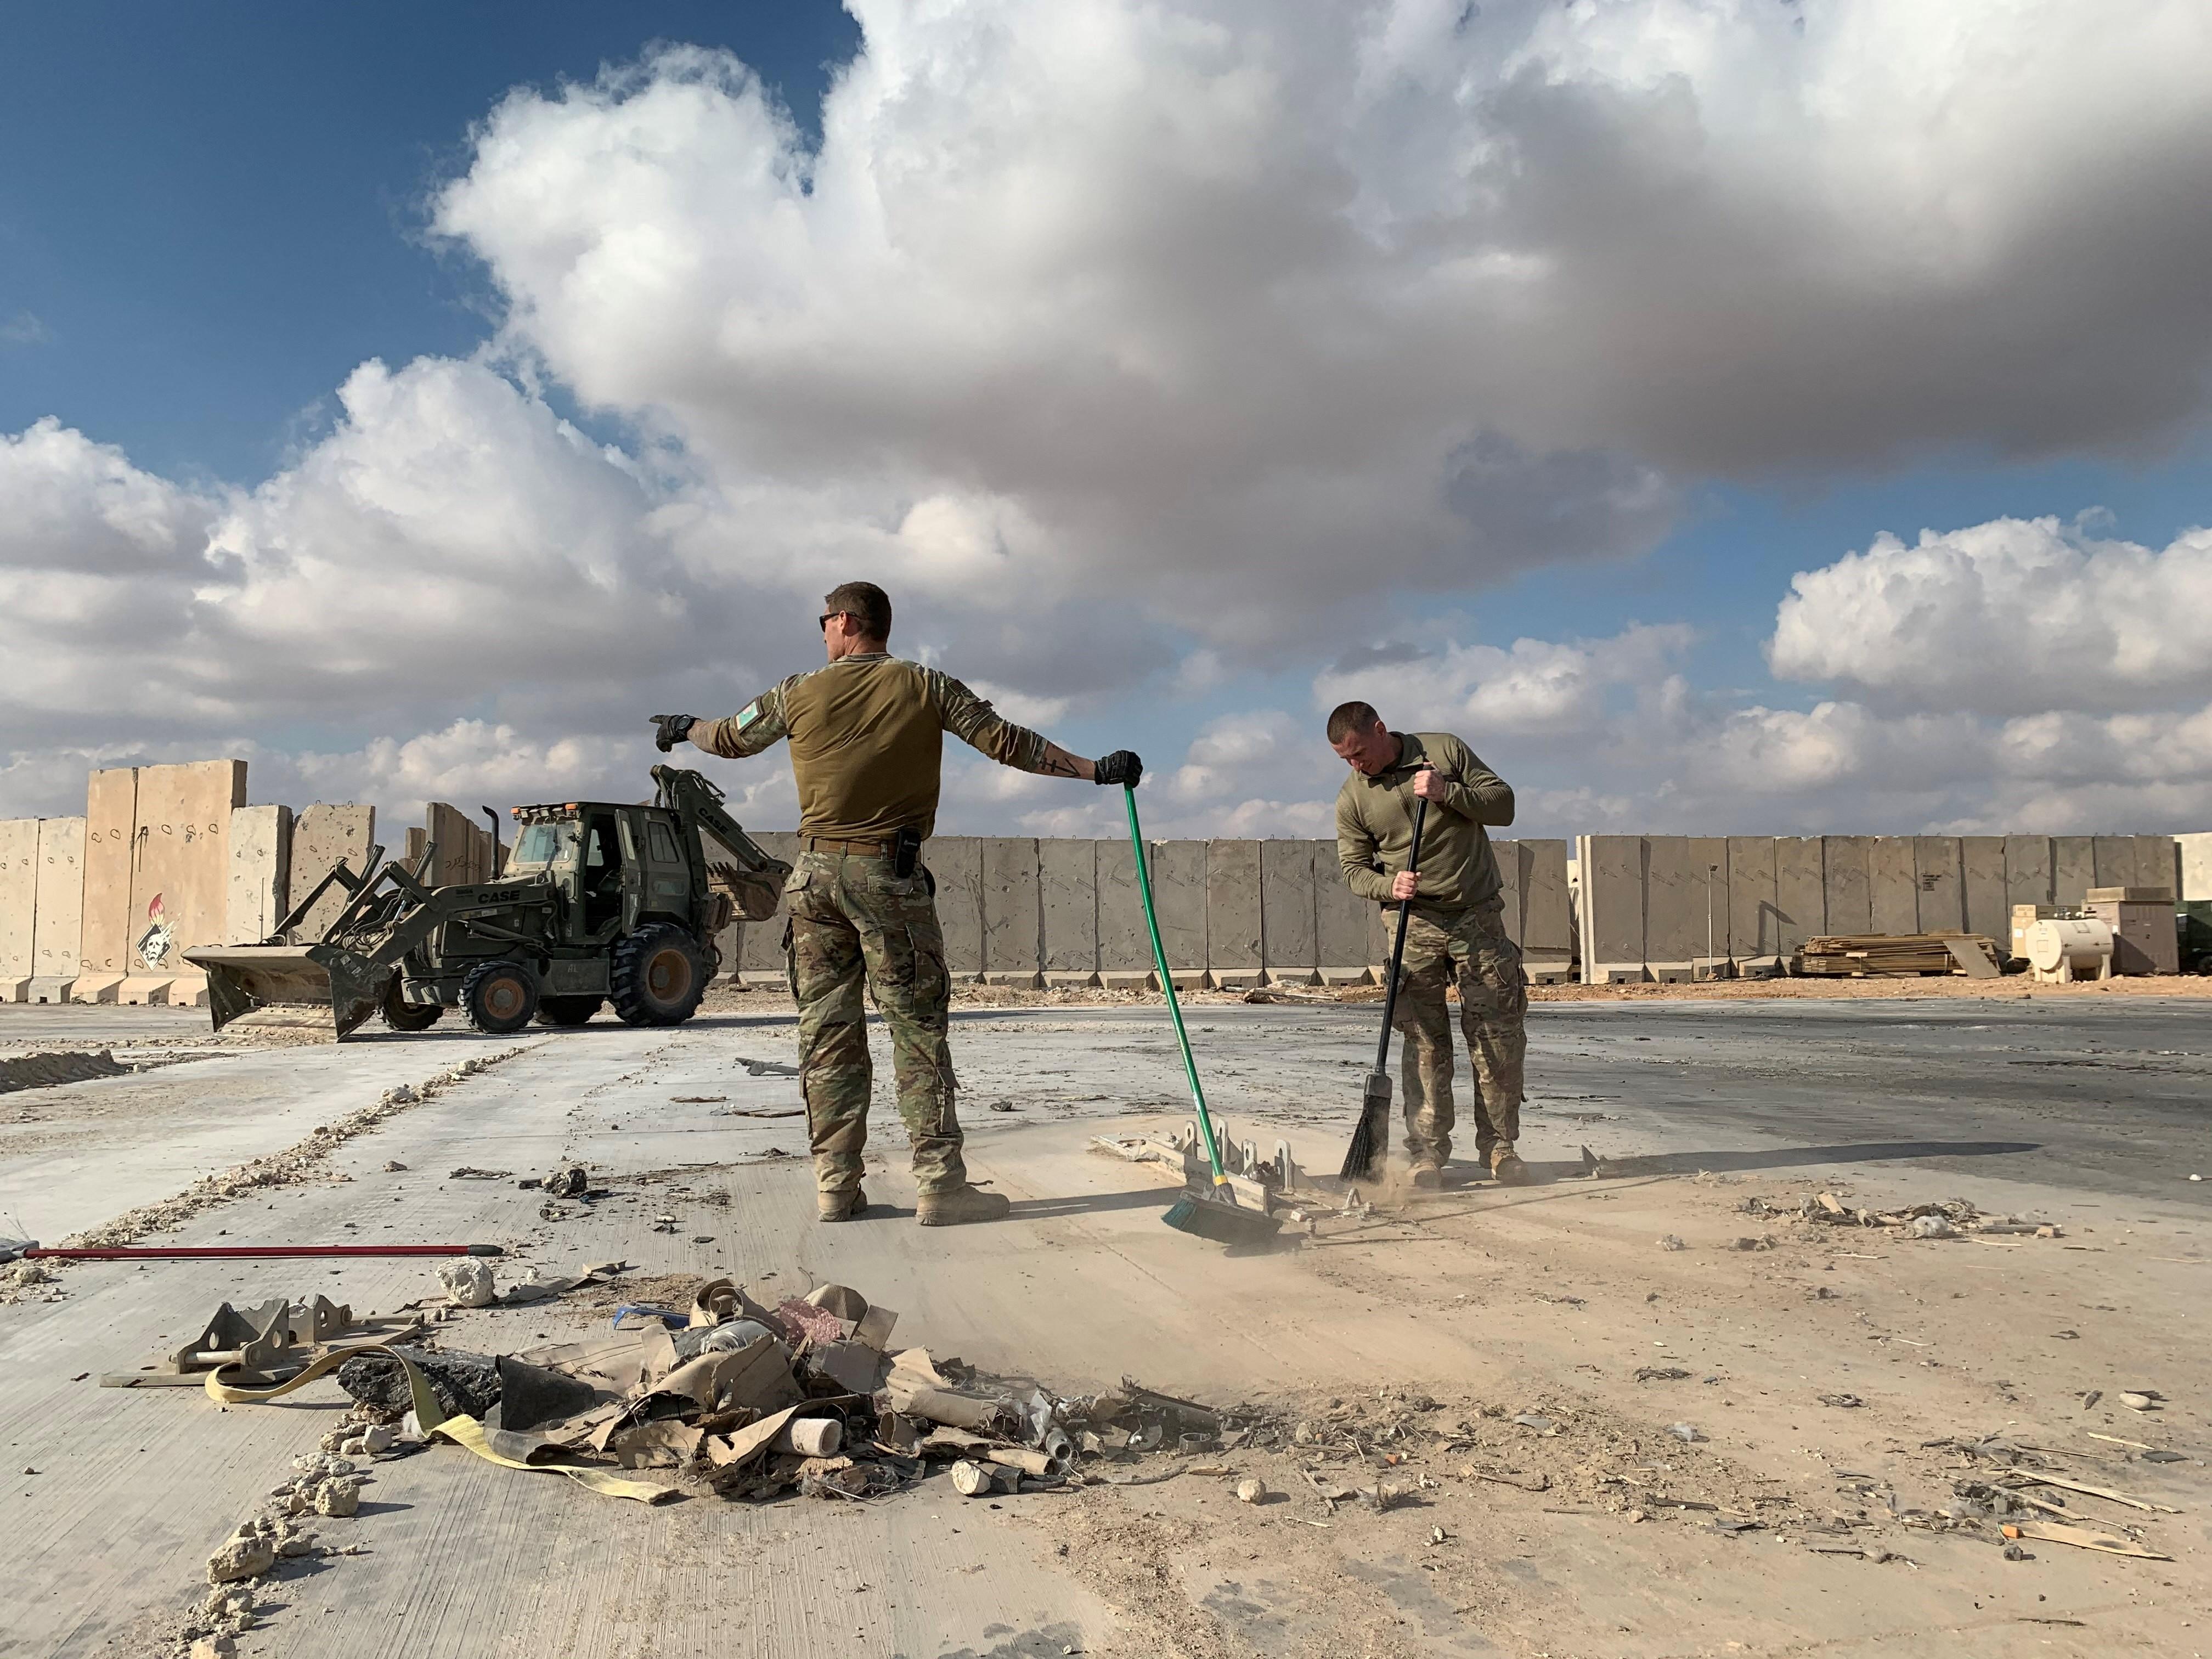 חלק מהפגיעה בבסיס האווירי עין אל-אסד כתוצאה מהתקפות האיראניות